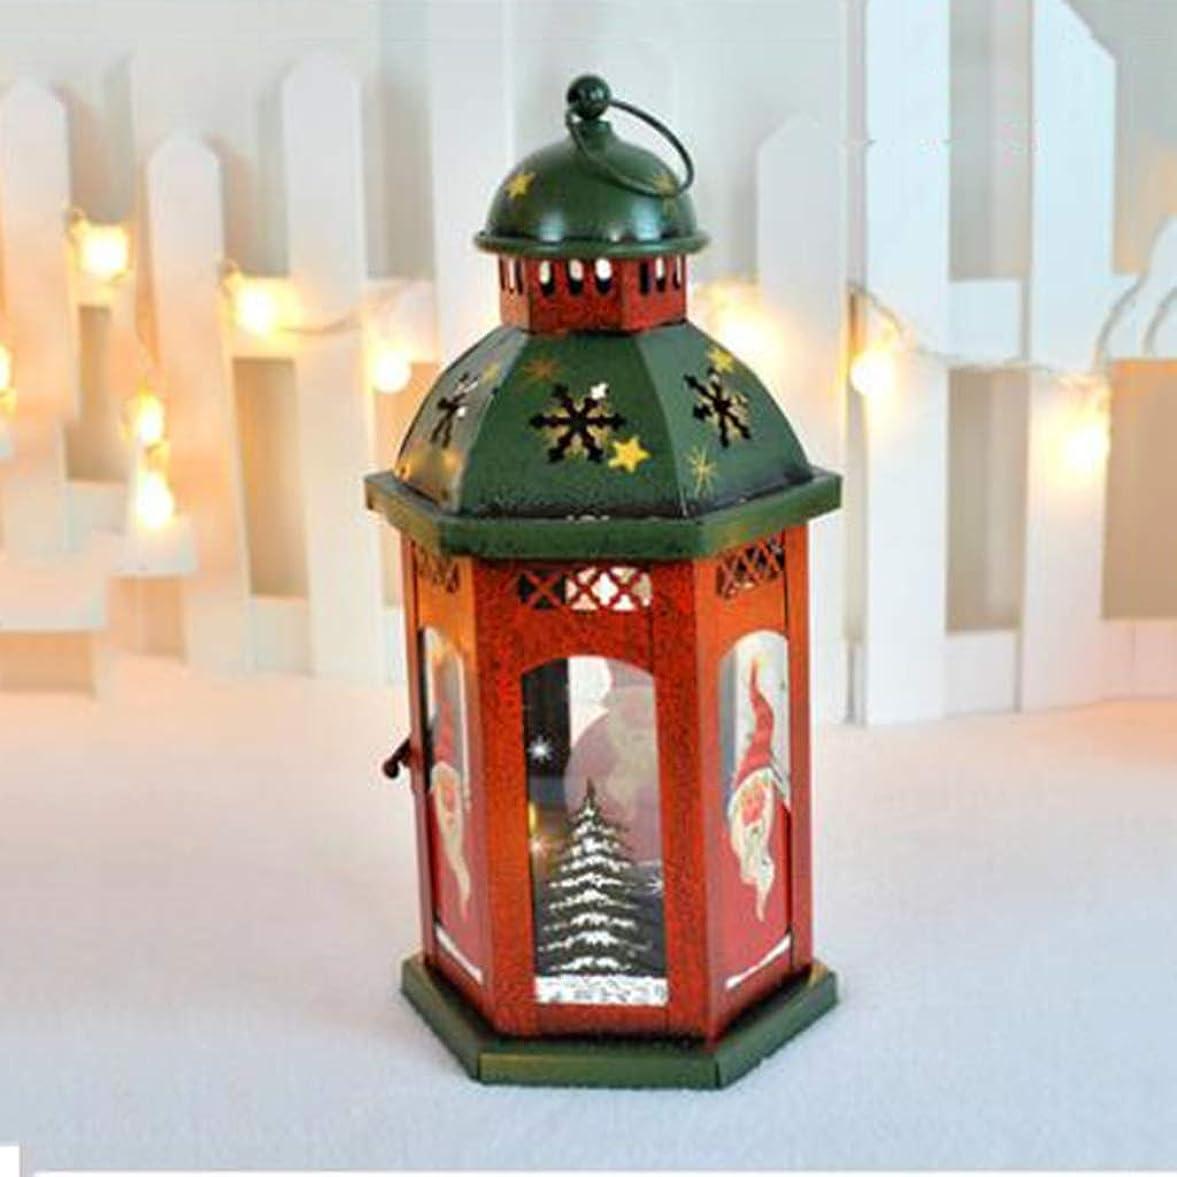 カセット関連するフォローLAOHAO デスクトップクリスマス飾りの飾りシーンレイアウトの窓、錬鉄製の装飾品レトロロマンチックなキャンドルライトの休日のテーブルレトロアイアンローソク足 ワンタイムデコレーション